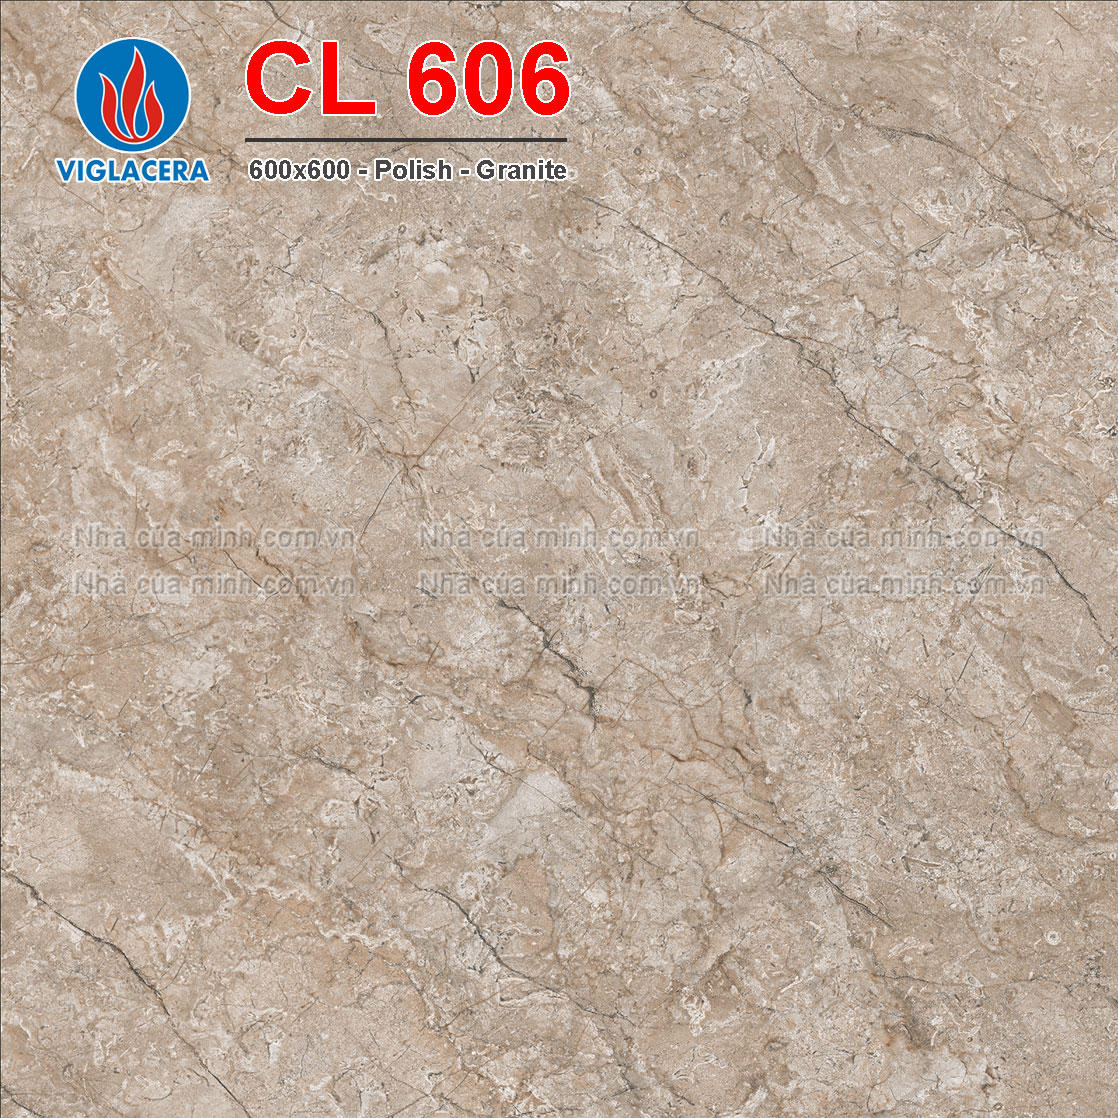 Gạch lát nền 600x600 Viglacera CL 606 giá rẻ